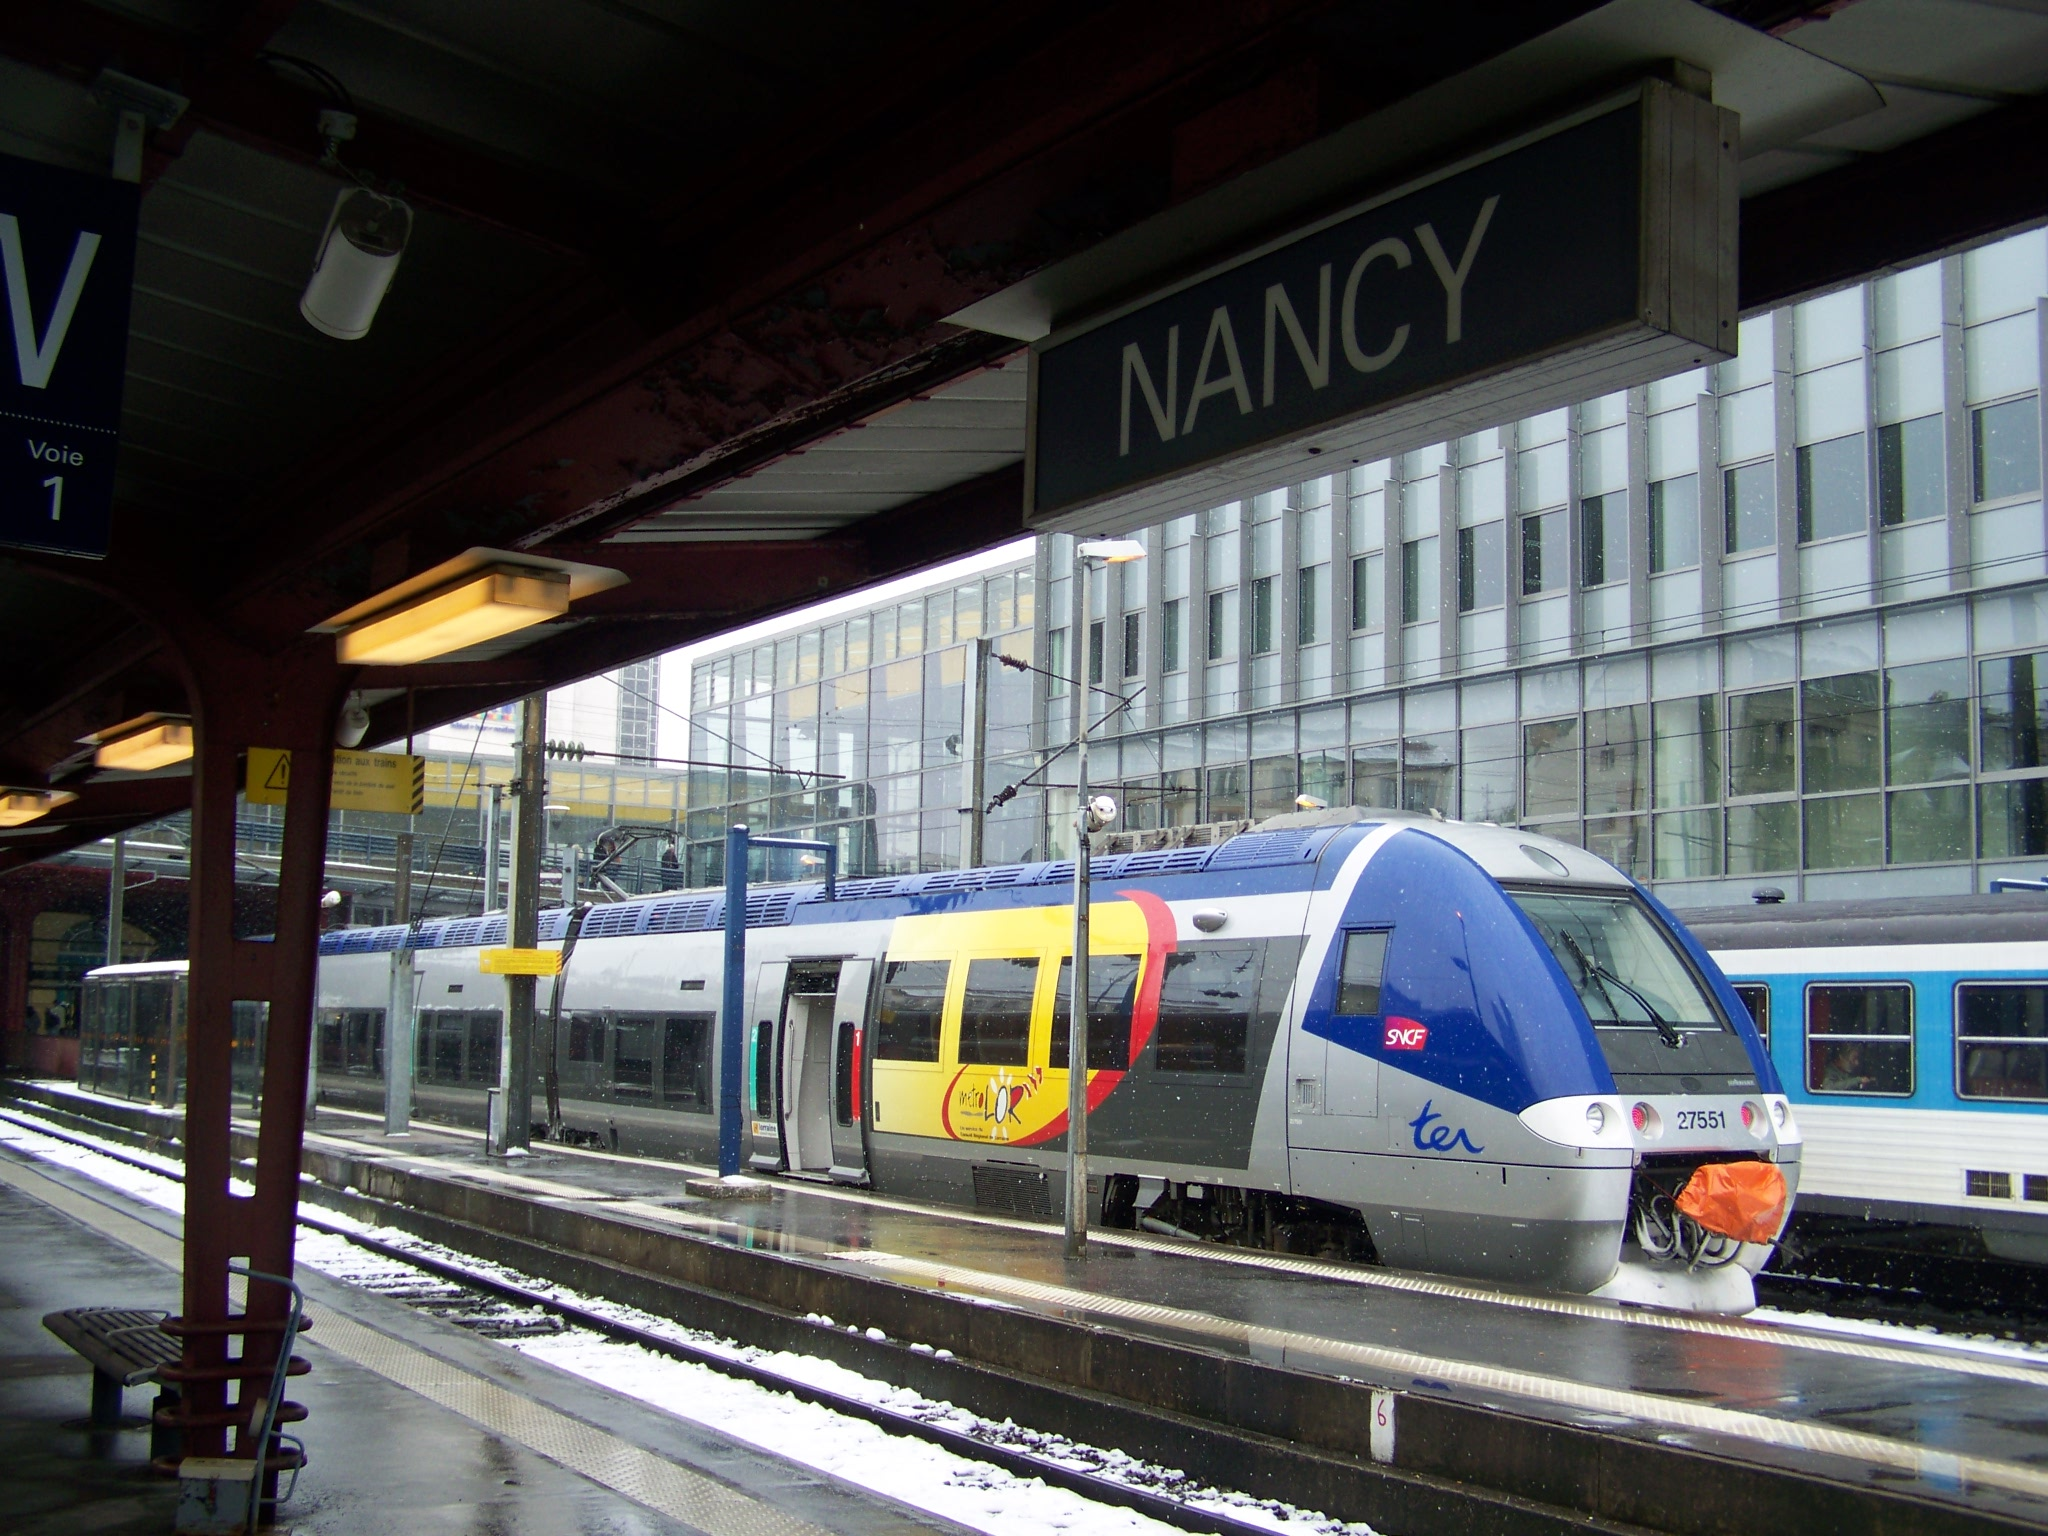 Horaires Des Trains Nancy Ville  Ef Bf Bd Gare De L Est  Ef Bf Bd Paris